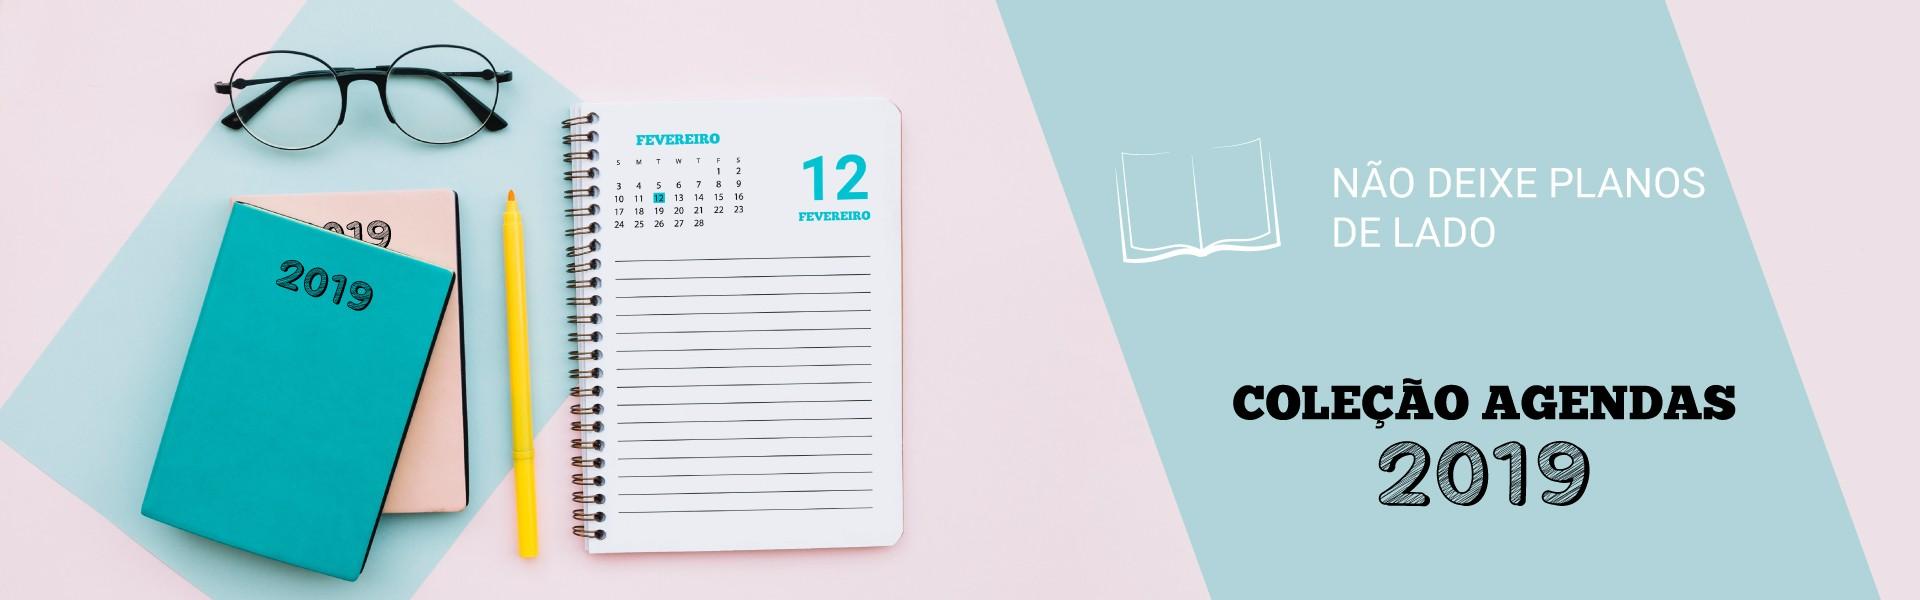 Brindes Agendas 2019